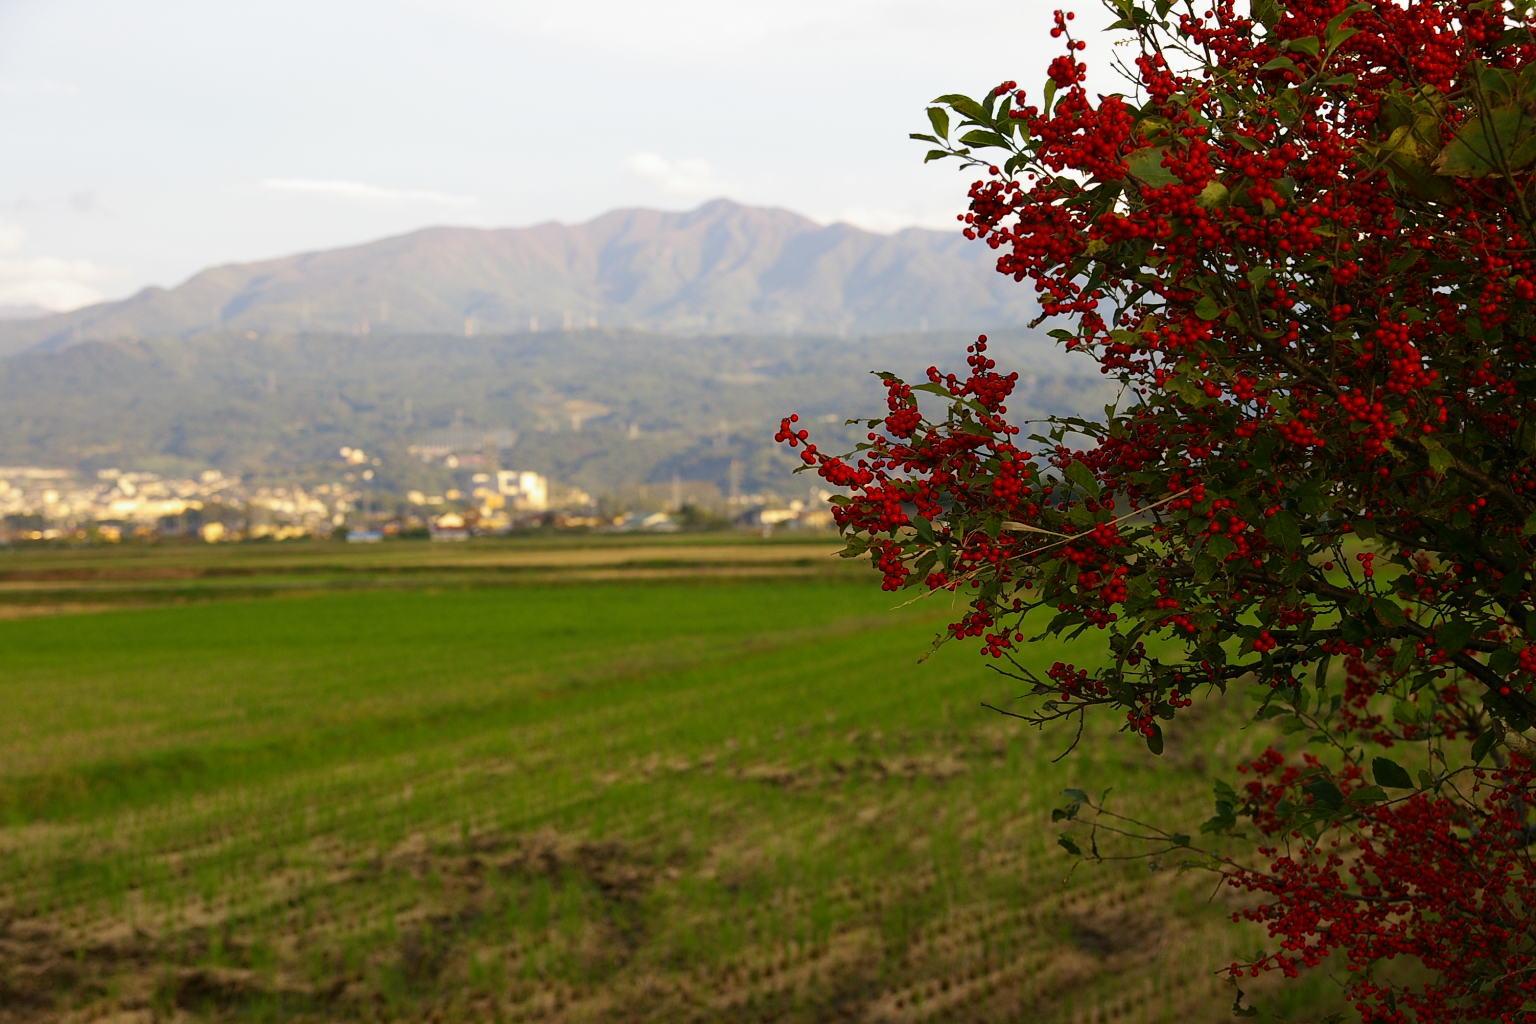 山形市 秋の蔵王、そして赤い実